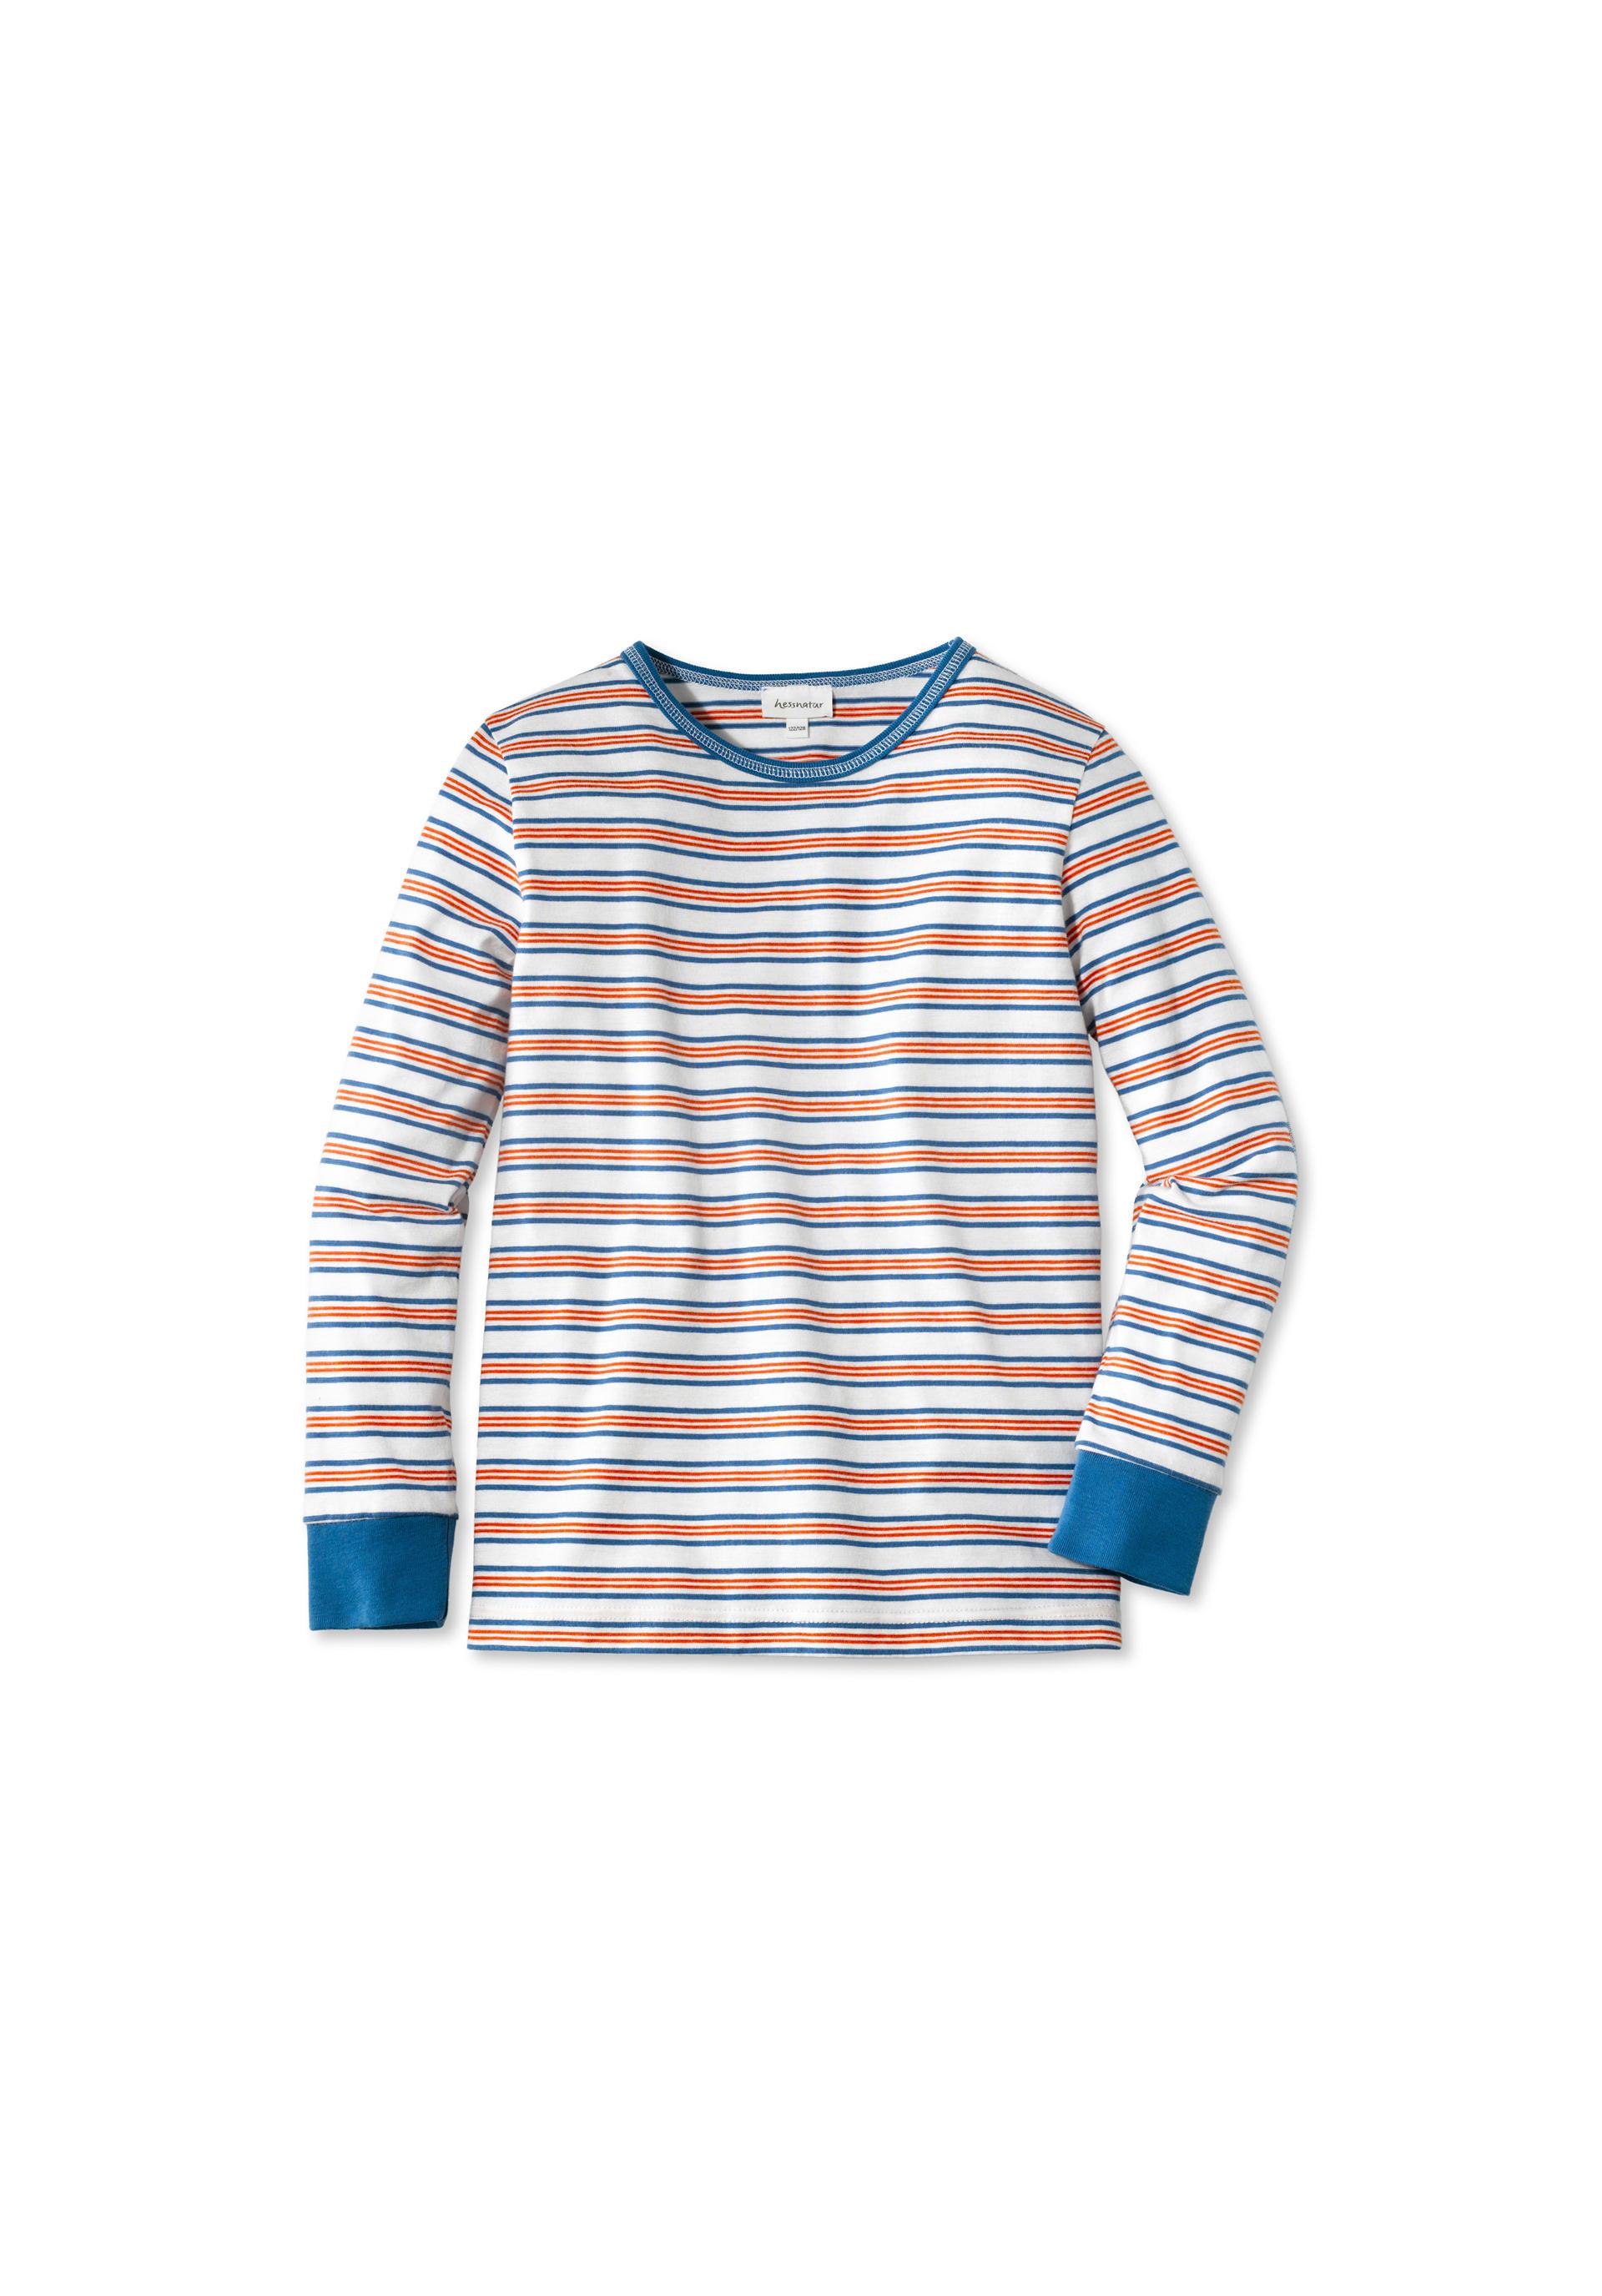 e4ebdc5d43 Bio Shirts für Kinder - Bio Kinderkleidung - hessnatur Deutschland